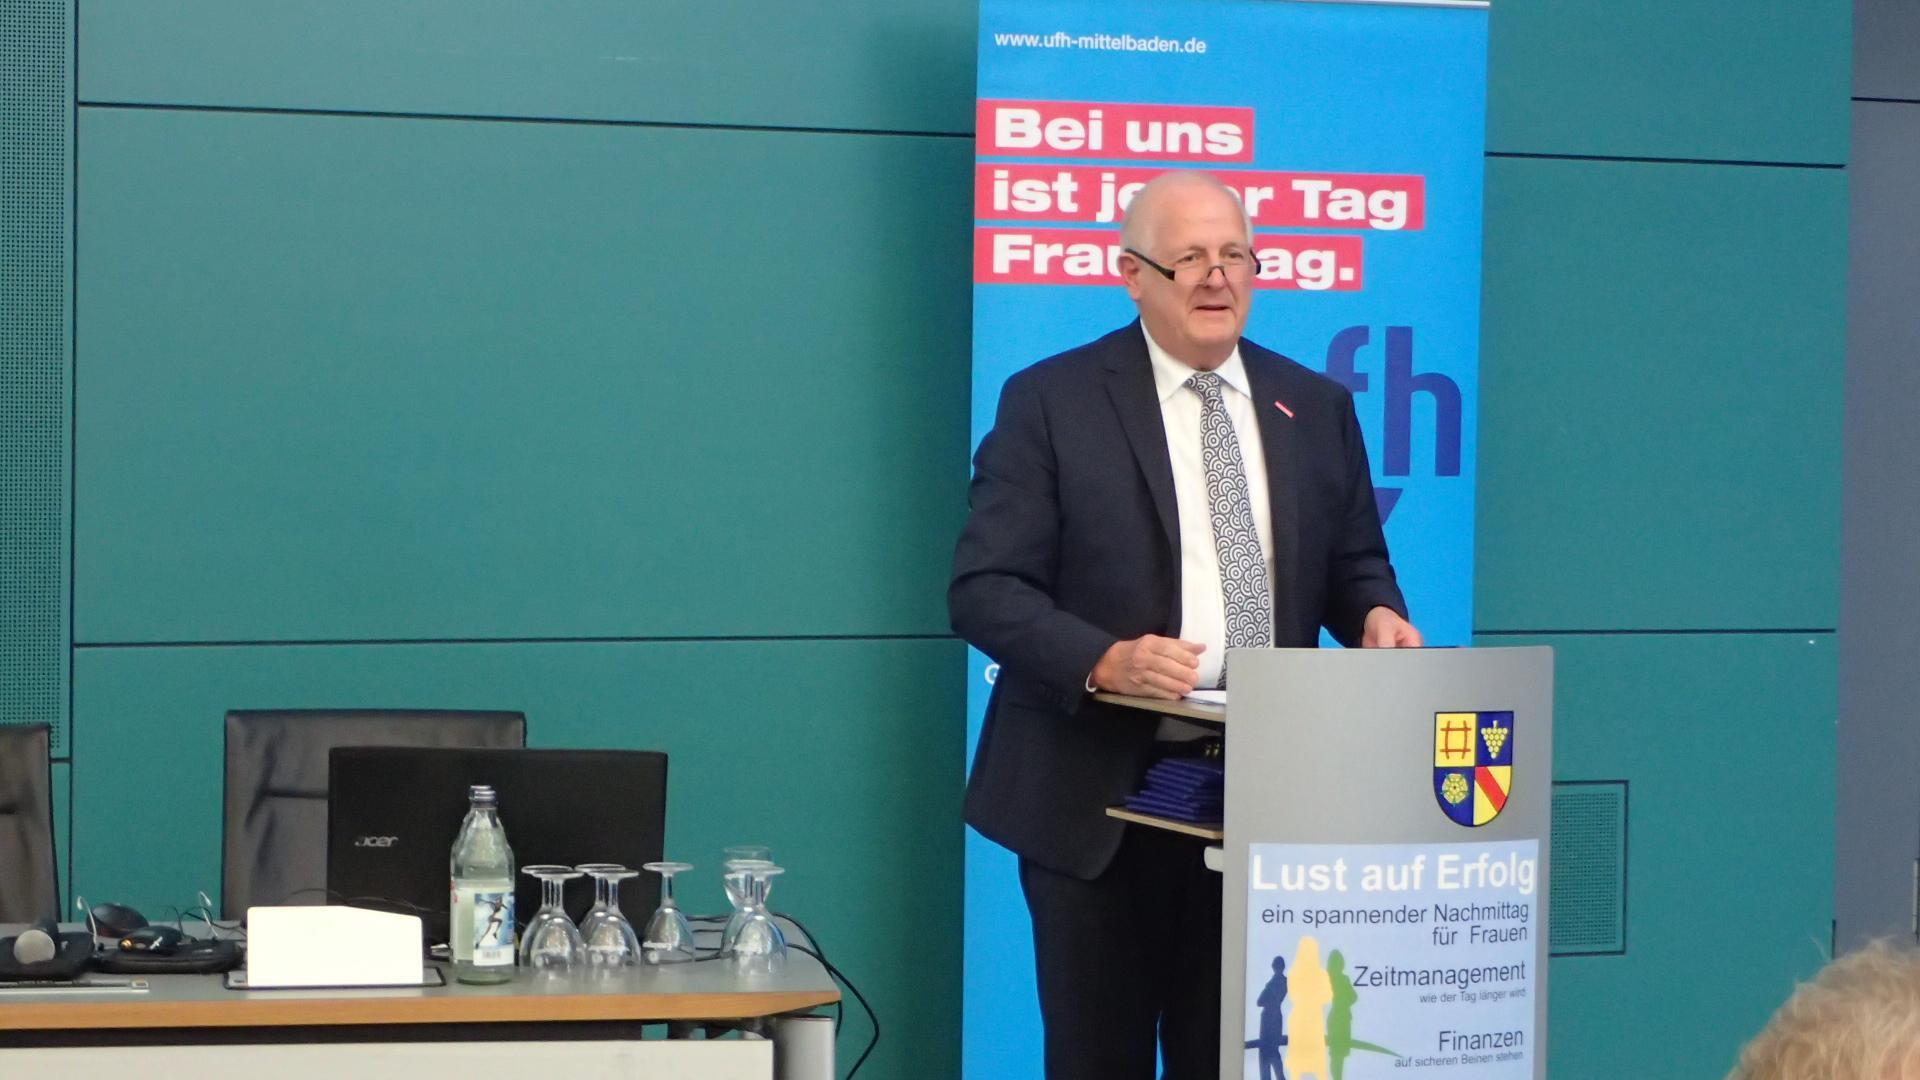 09-18 Joachim Wohlfeil, Handwerkskammerpräsident Karlsruhe